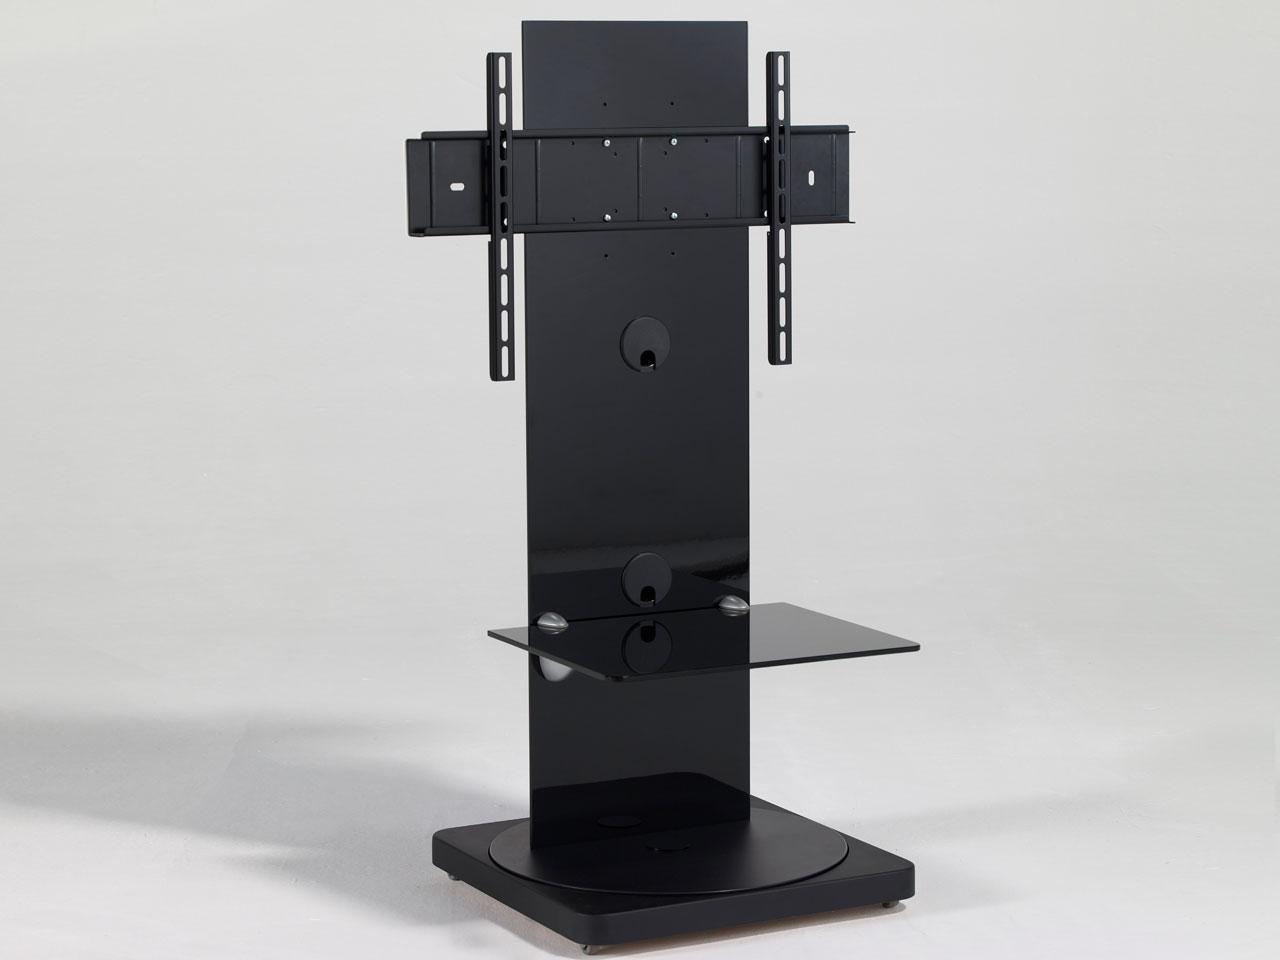 schwarzer drehbarer design tv st nder cmb 101 23 65 zoll g nstig kaufen cmb systeme. Black Bedroom Furniture Sets. Home Design Ideas